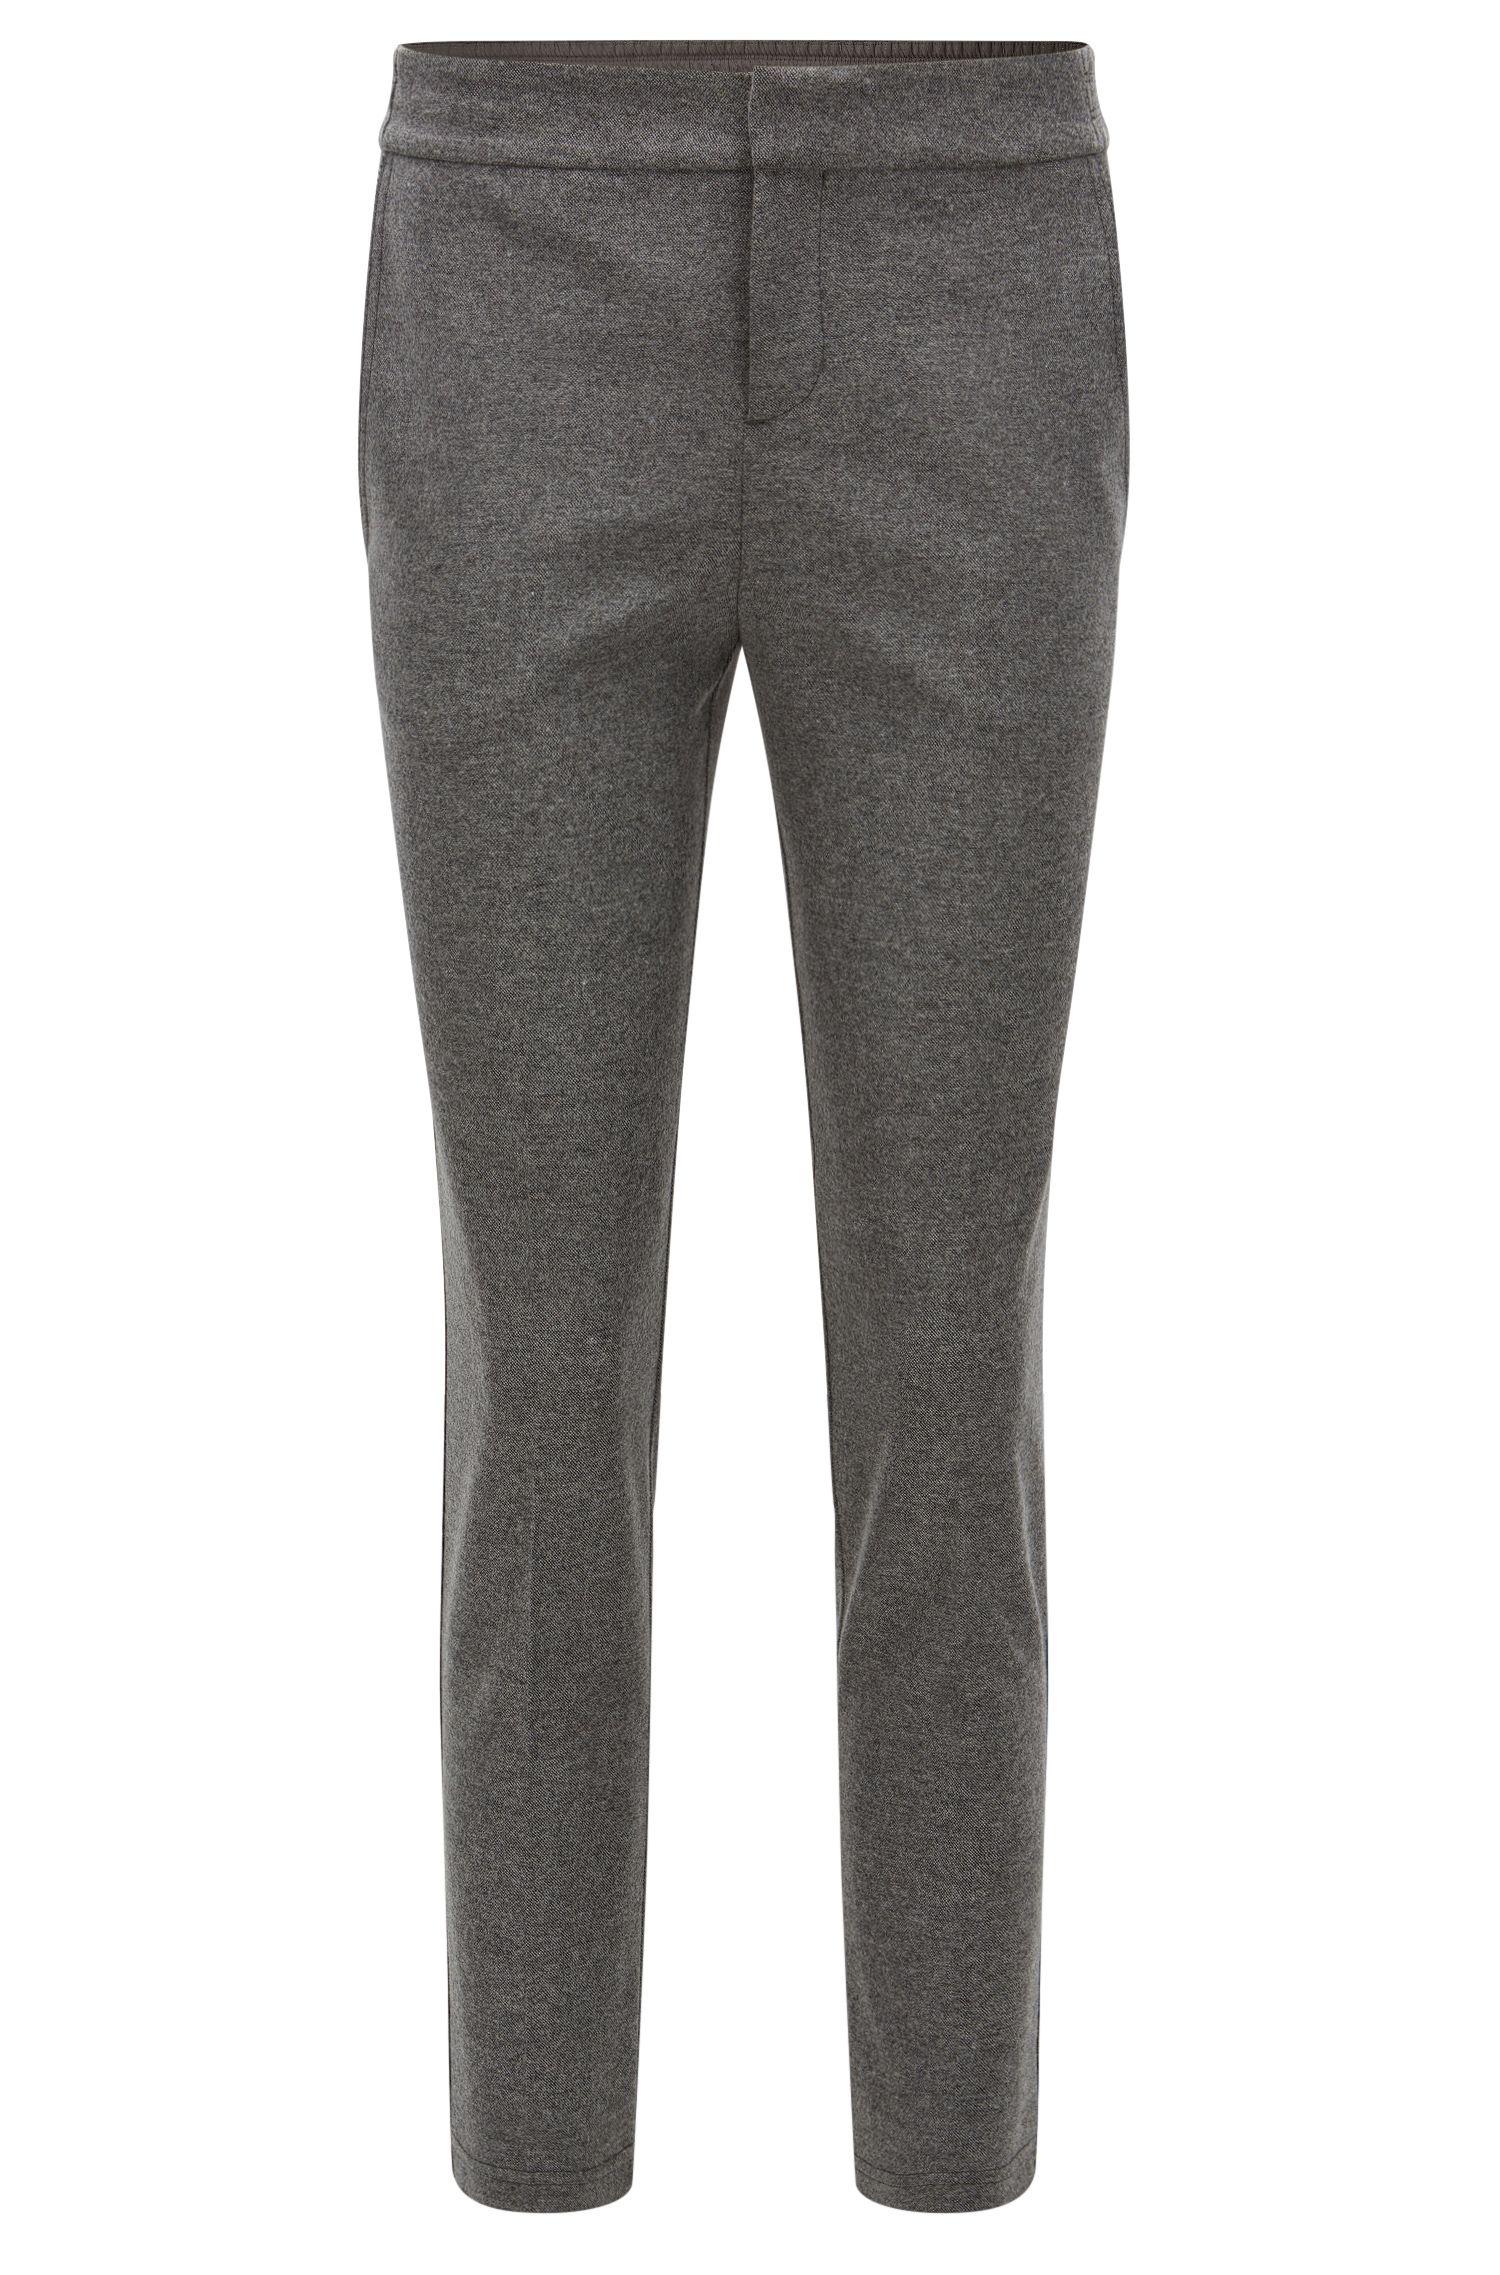 Pantalon Regular Fit en flanelle renforcée avec taille élastique